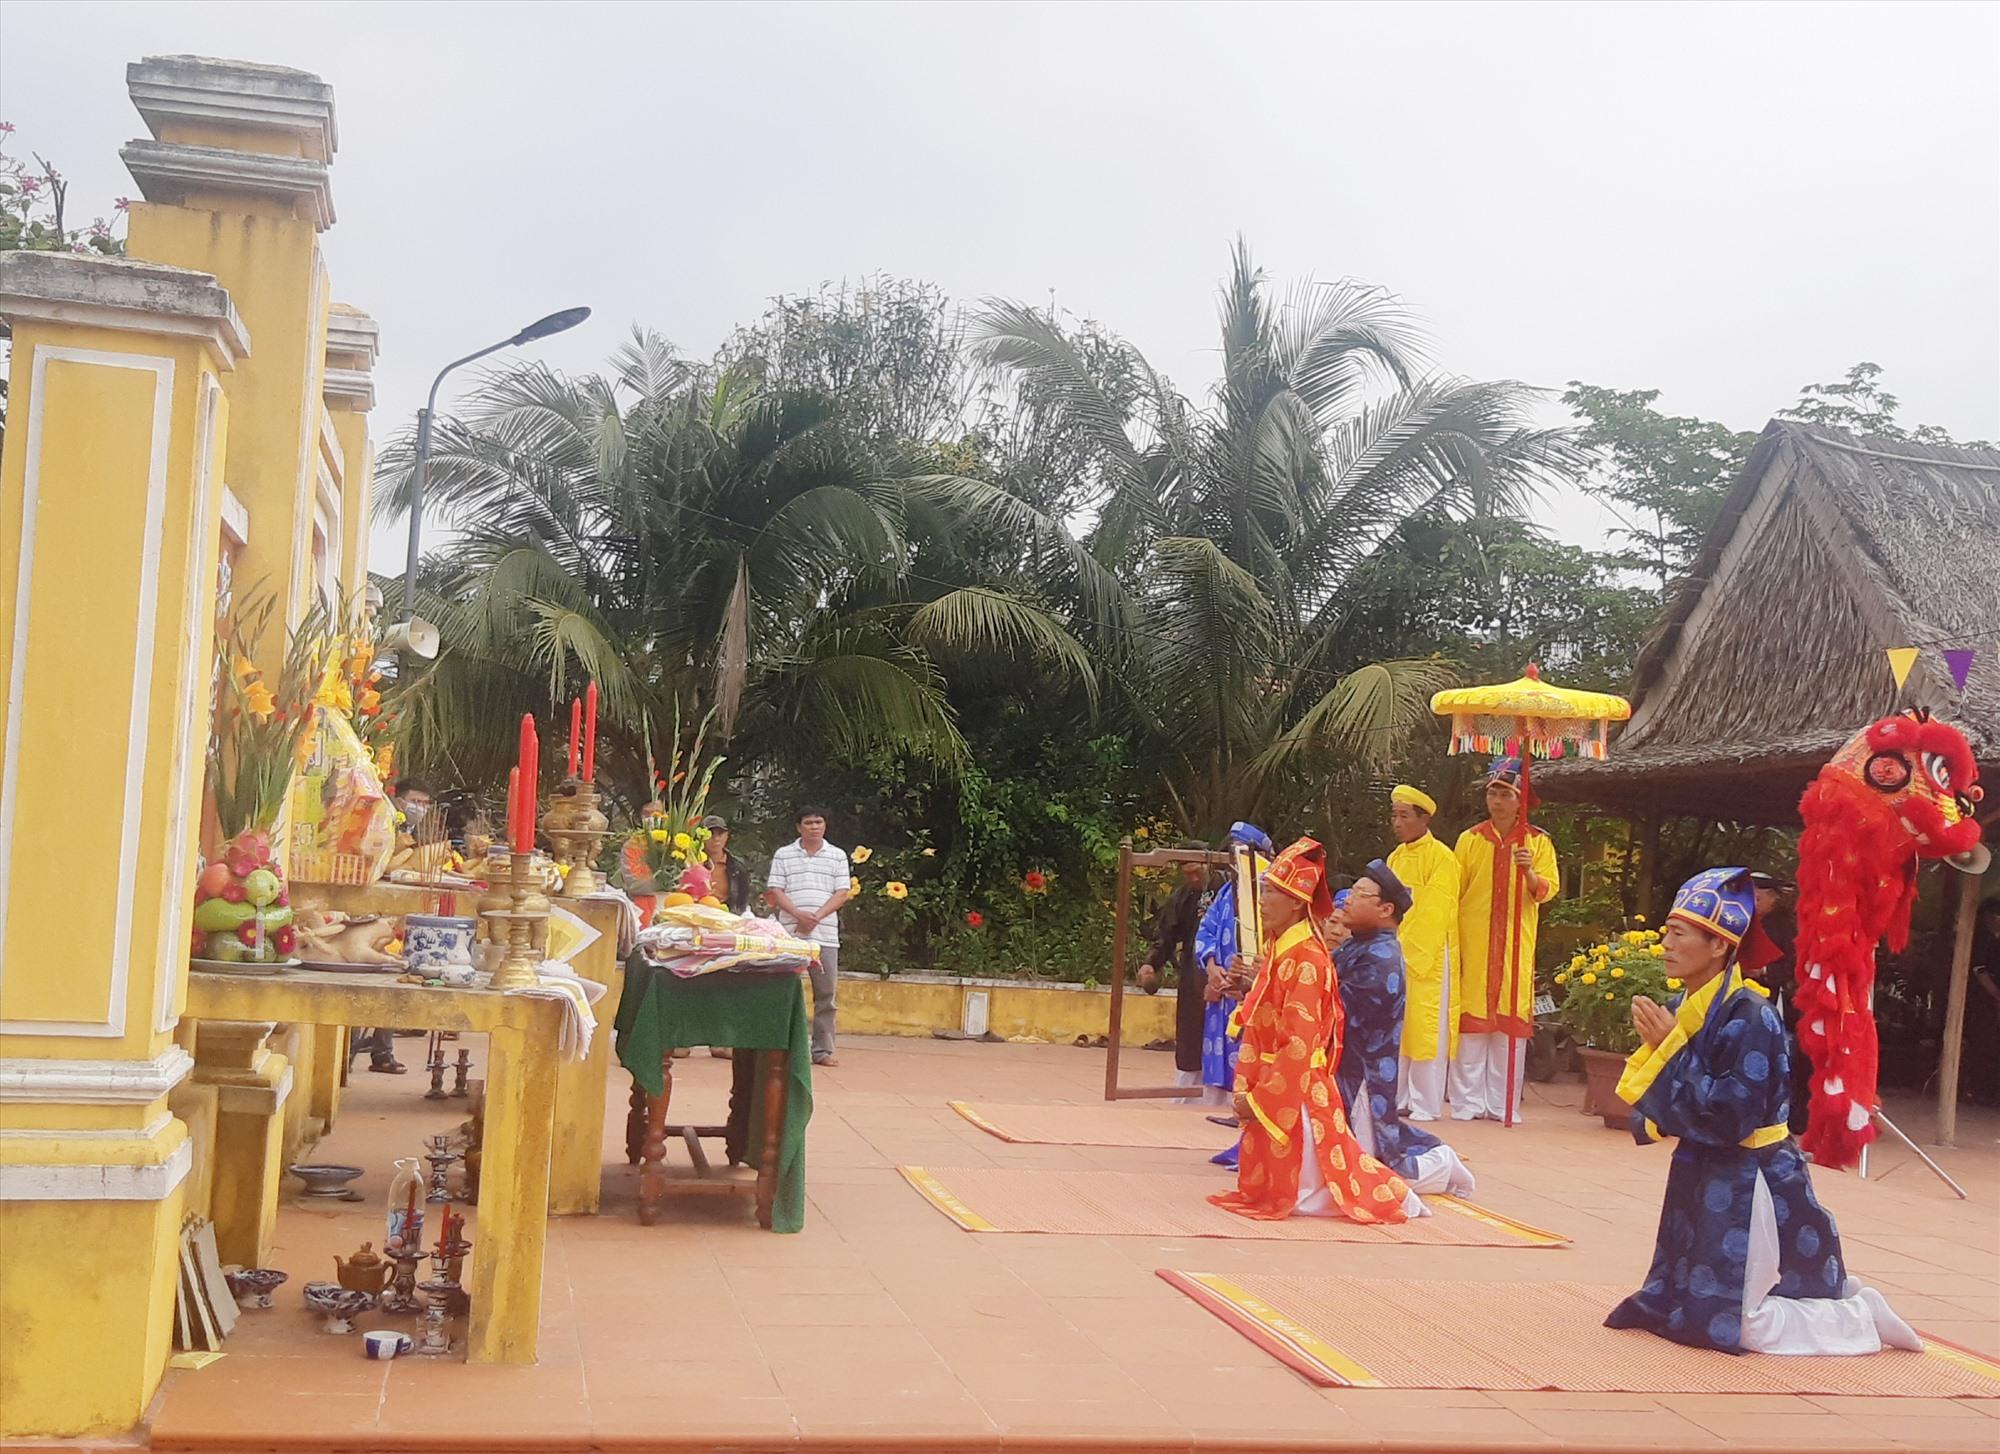 Lễ cầu bông ở làng rau Trà Quế được tổ chức trong điều kiện đảm bảo an toàn phòng chống dịch Covid-19. Ảnh: MỸ LỆ